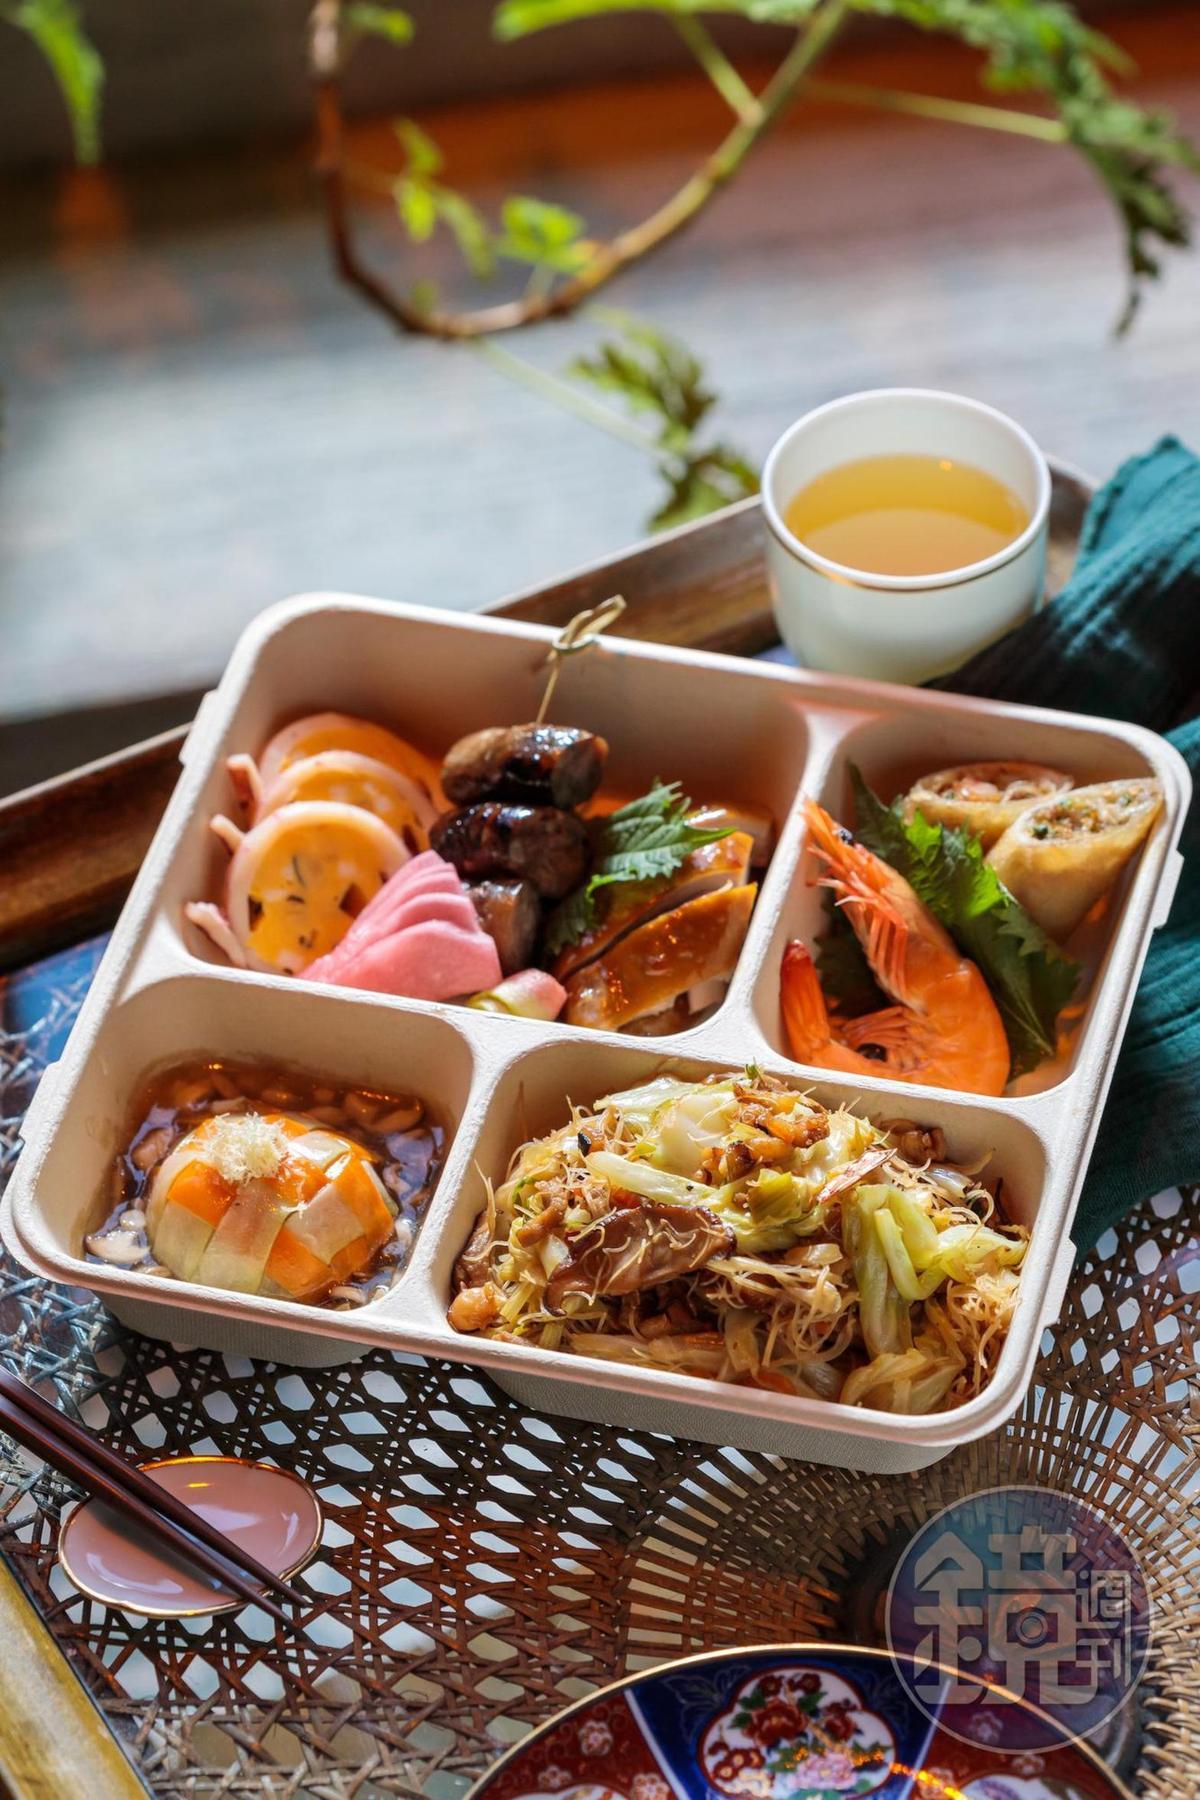 「豐‧星級台式手工精緻餐盒」裡有超人氣「古早味炒米粉」「扁魚春捲」「蒲瓜封」等復古手工菜。(380元/盒)